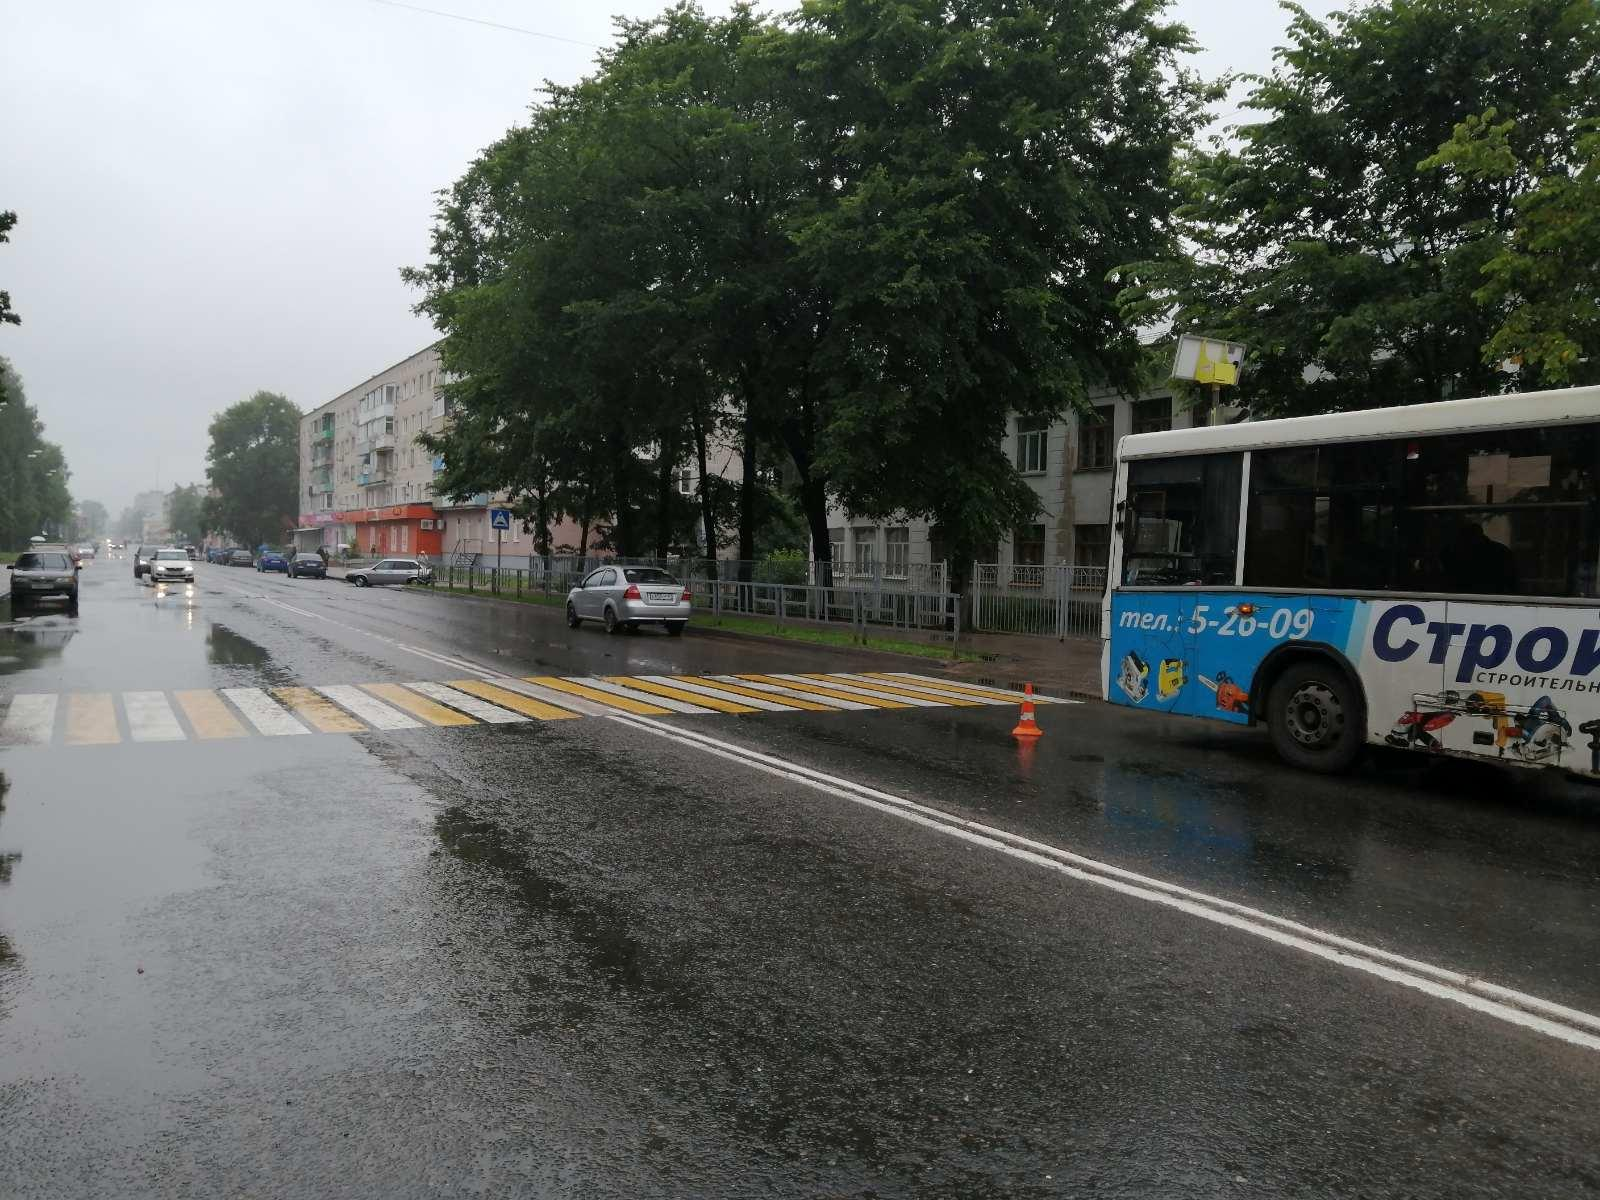 В Тверской области пассажирка автобуса пострадала из-за выбежавшего на дорогу пешехода - новости Афанасий